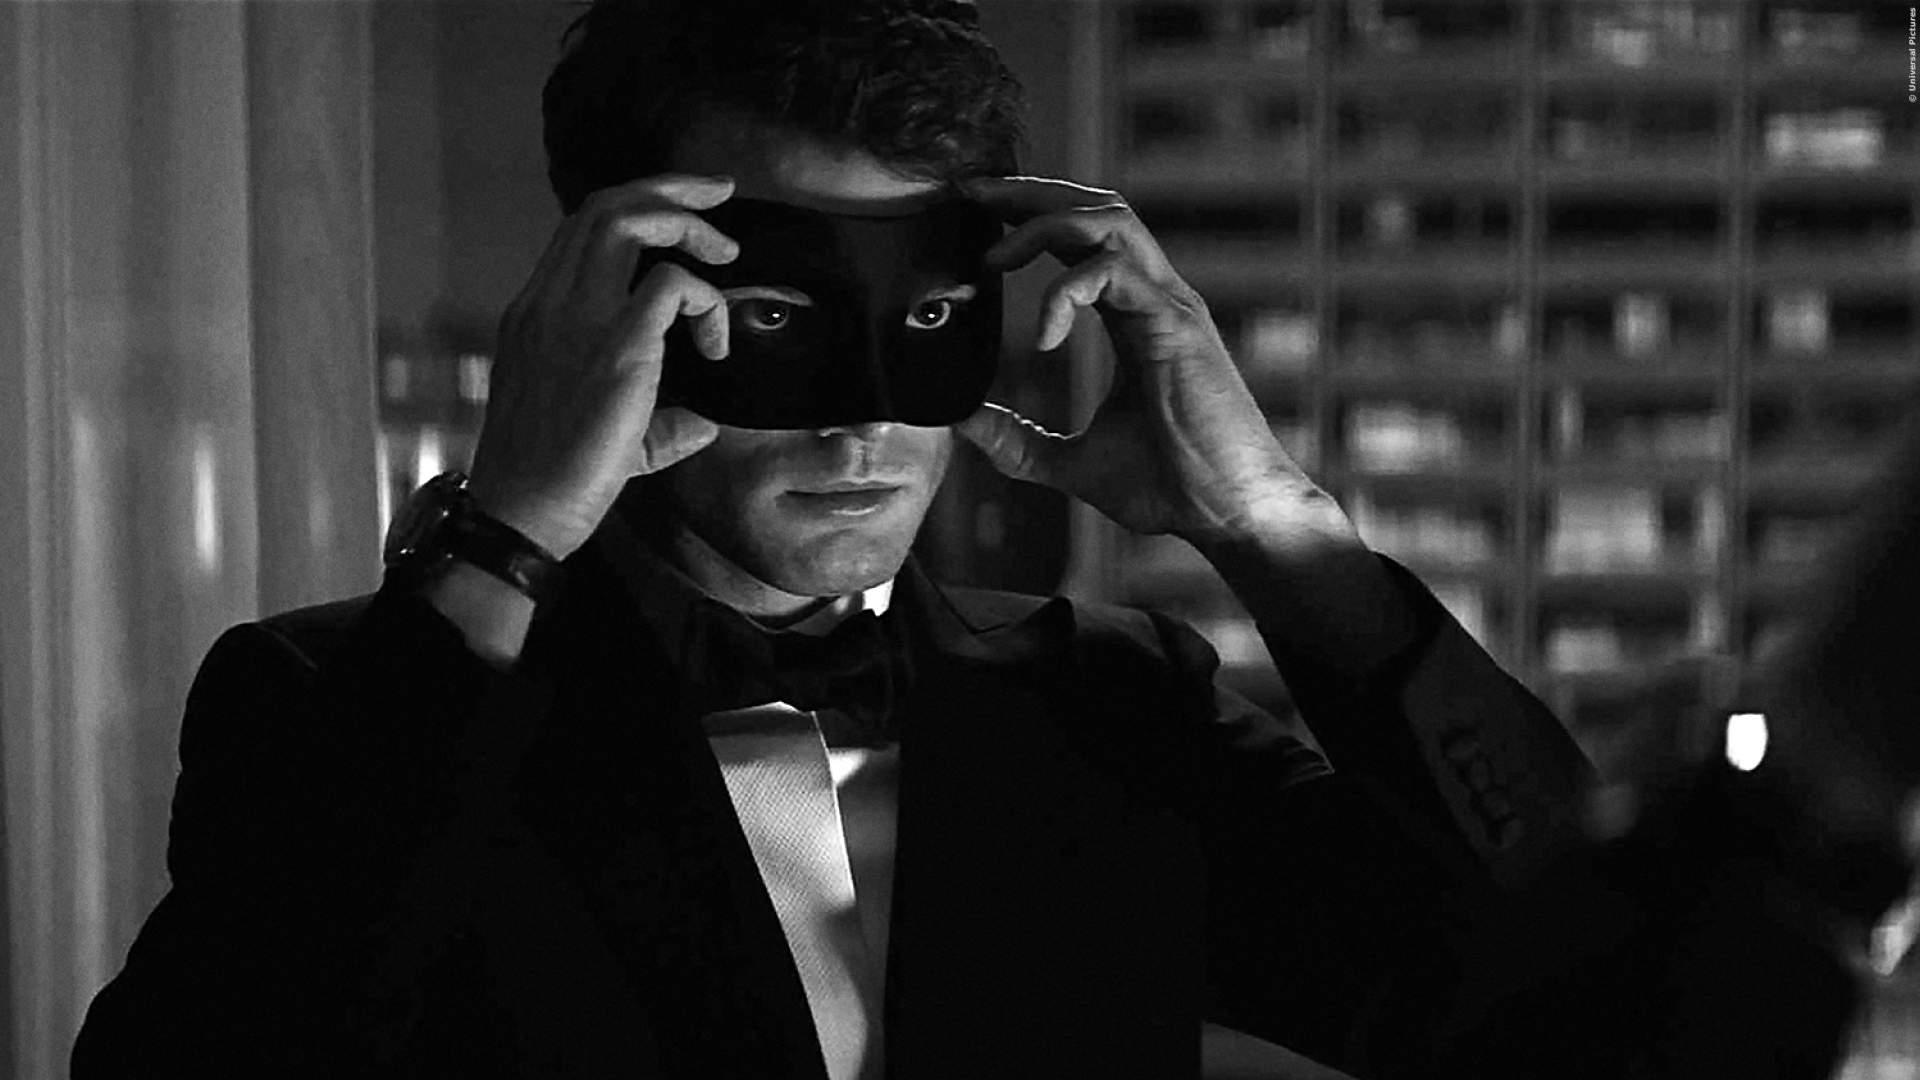 Fifty Shades 2: Neuer Trailer mit unartigen Szenen - Bild 2 von 5